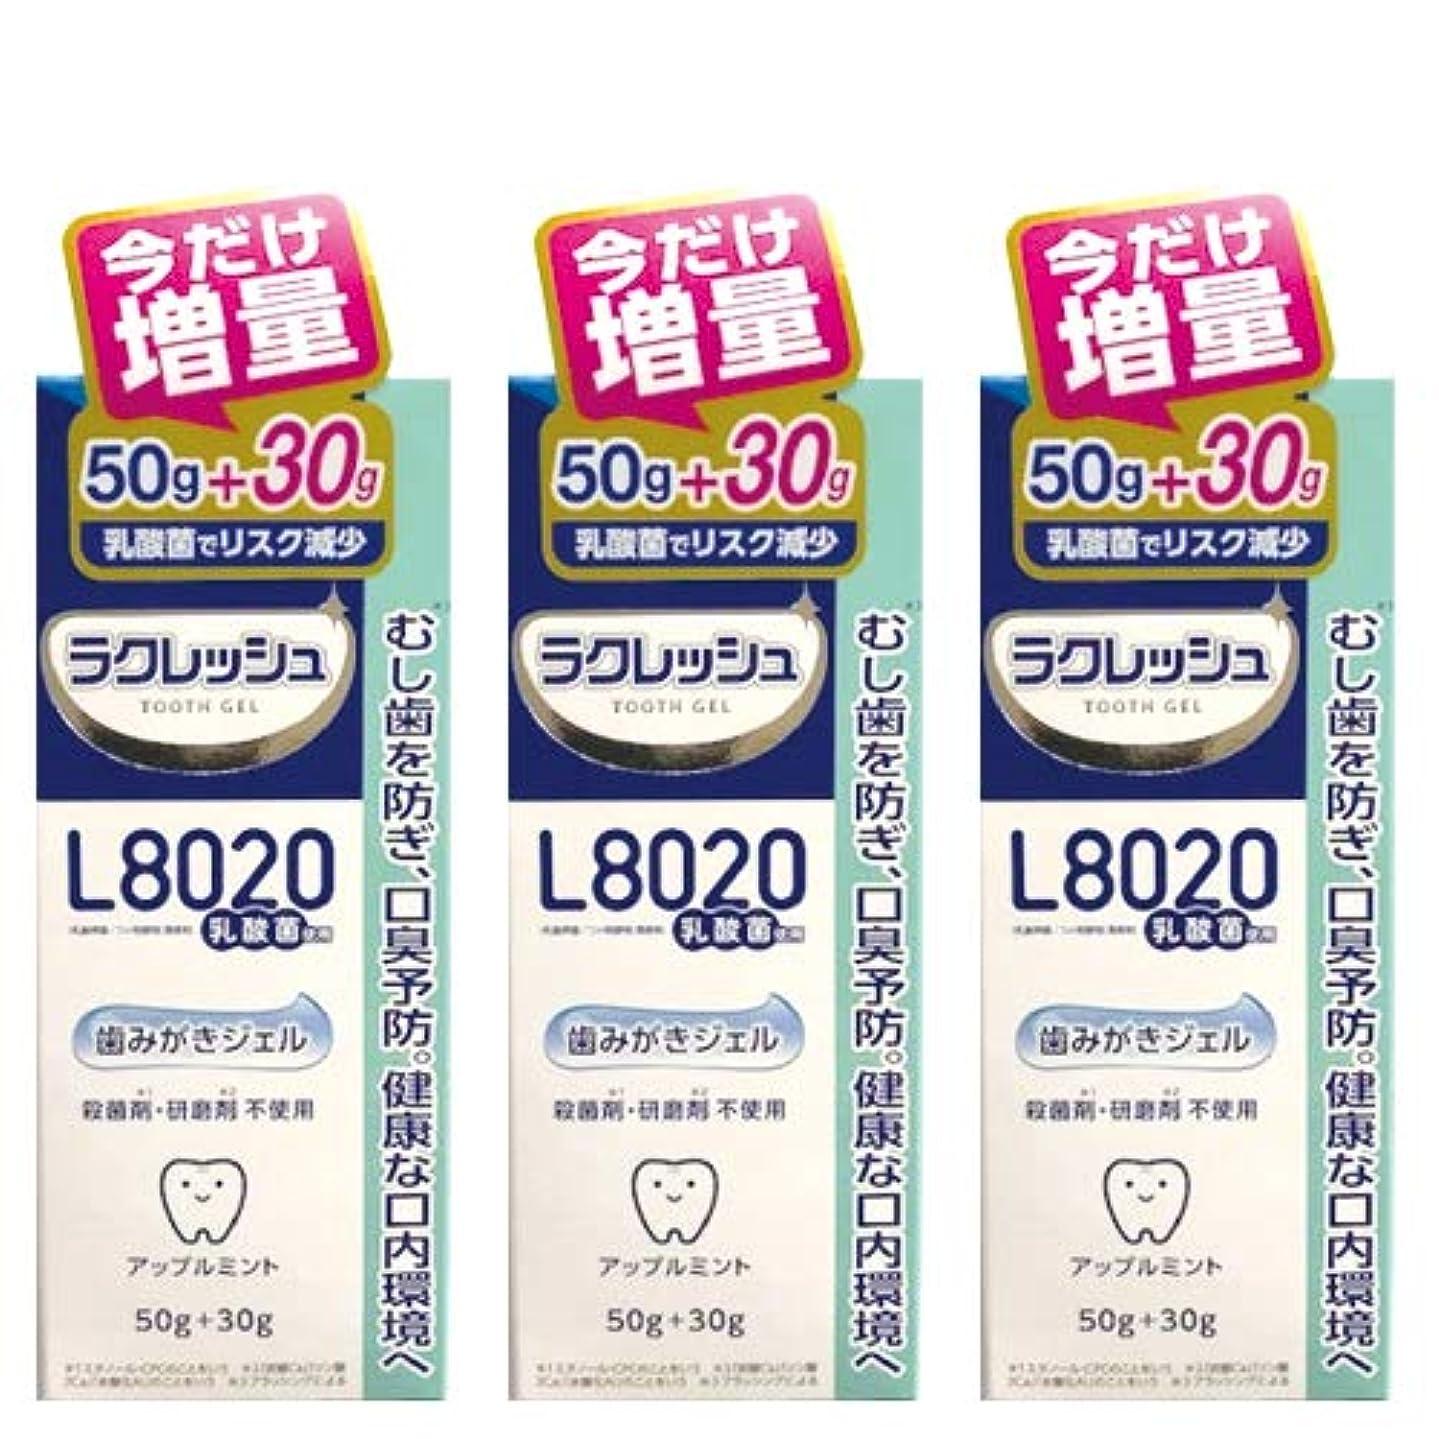 感謝している格差文字通り【増量30g 】ジェクス L8020乳酸菌 ラクレッシュ 歯みがきジェル 80g(50g+30g)×3本セット